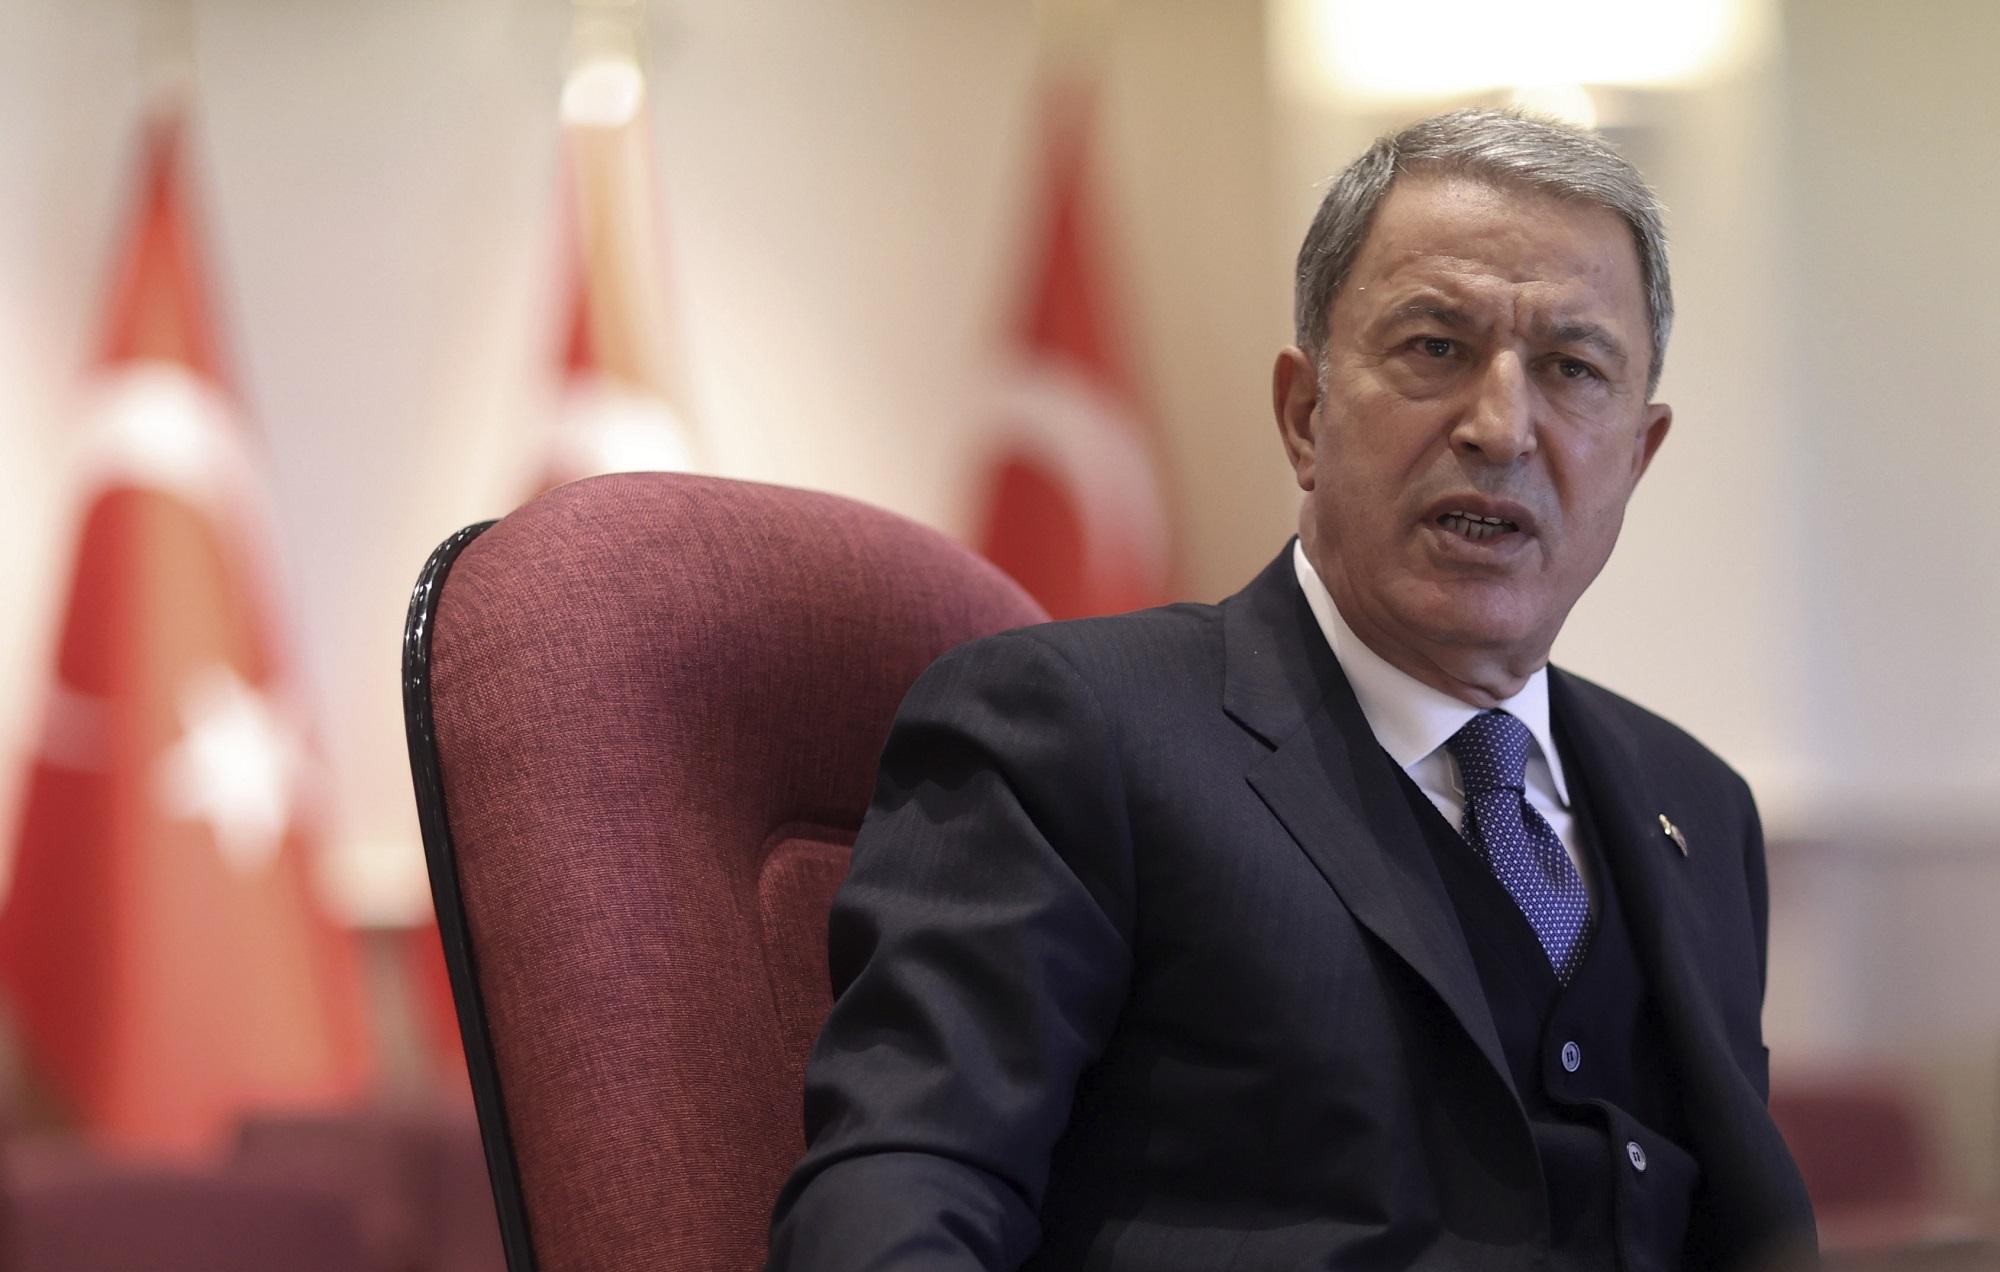 Χ. Ακάρ: «Μάταιες οι προσπάθειες της Ελλάδας να αποκτήσει υπεροχή έναντι της Τουρκίας»